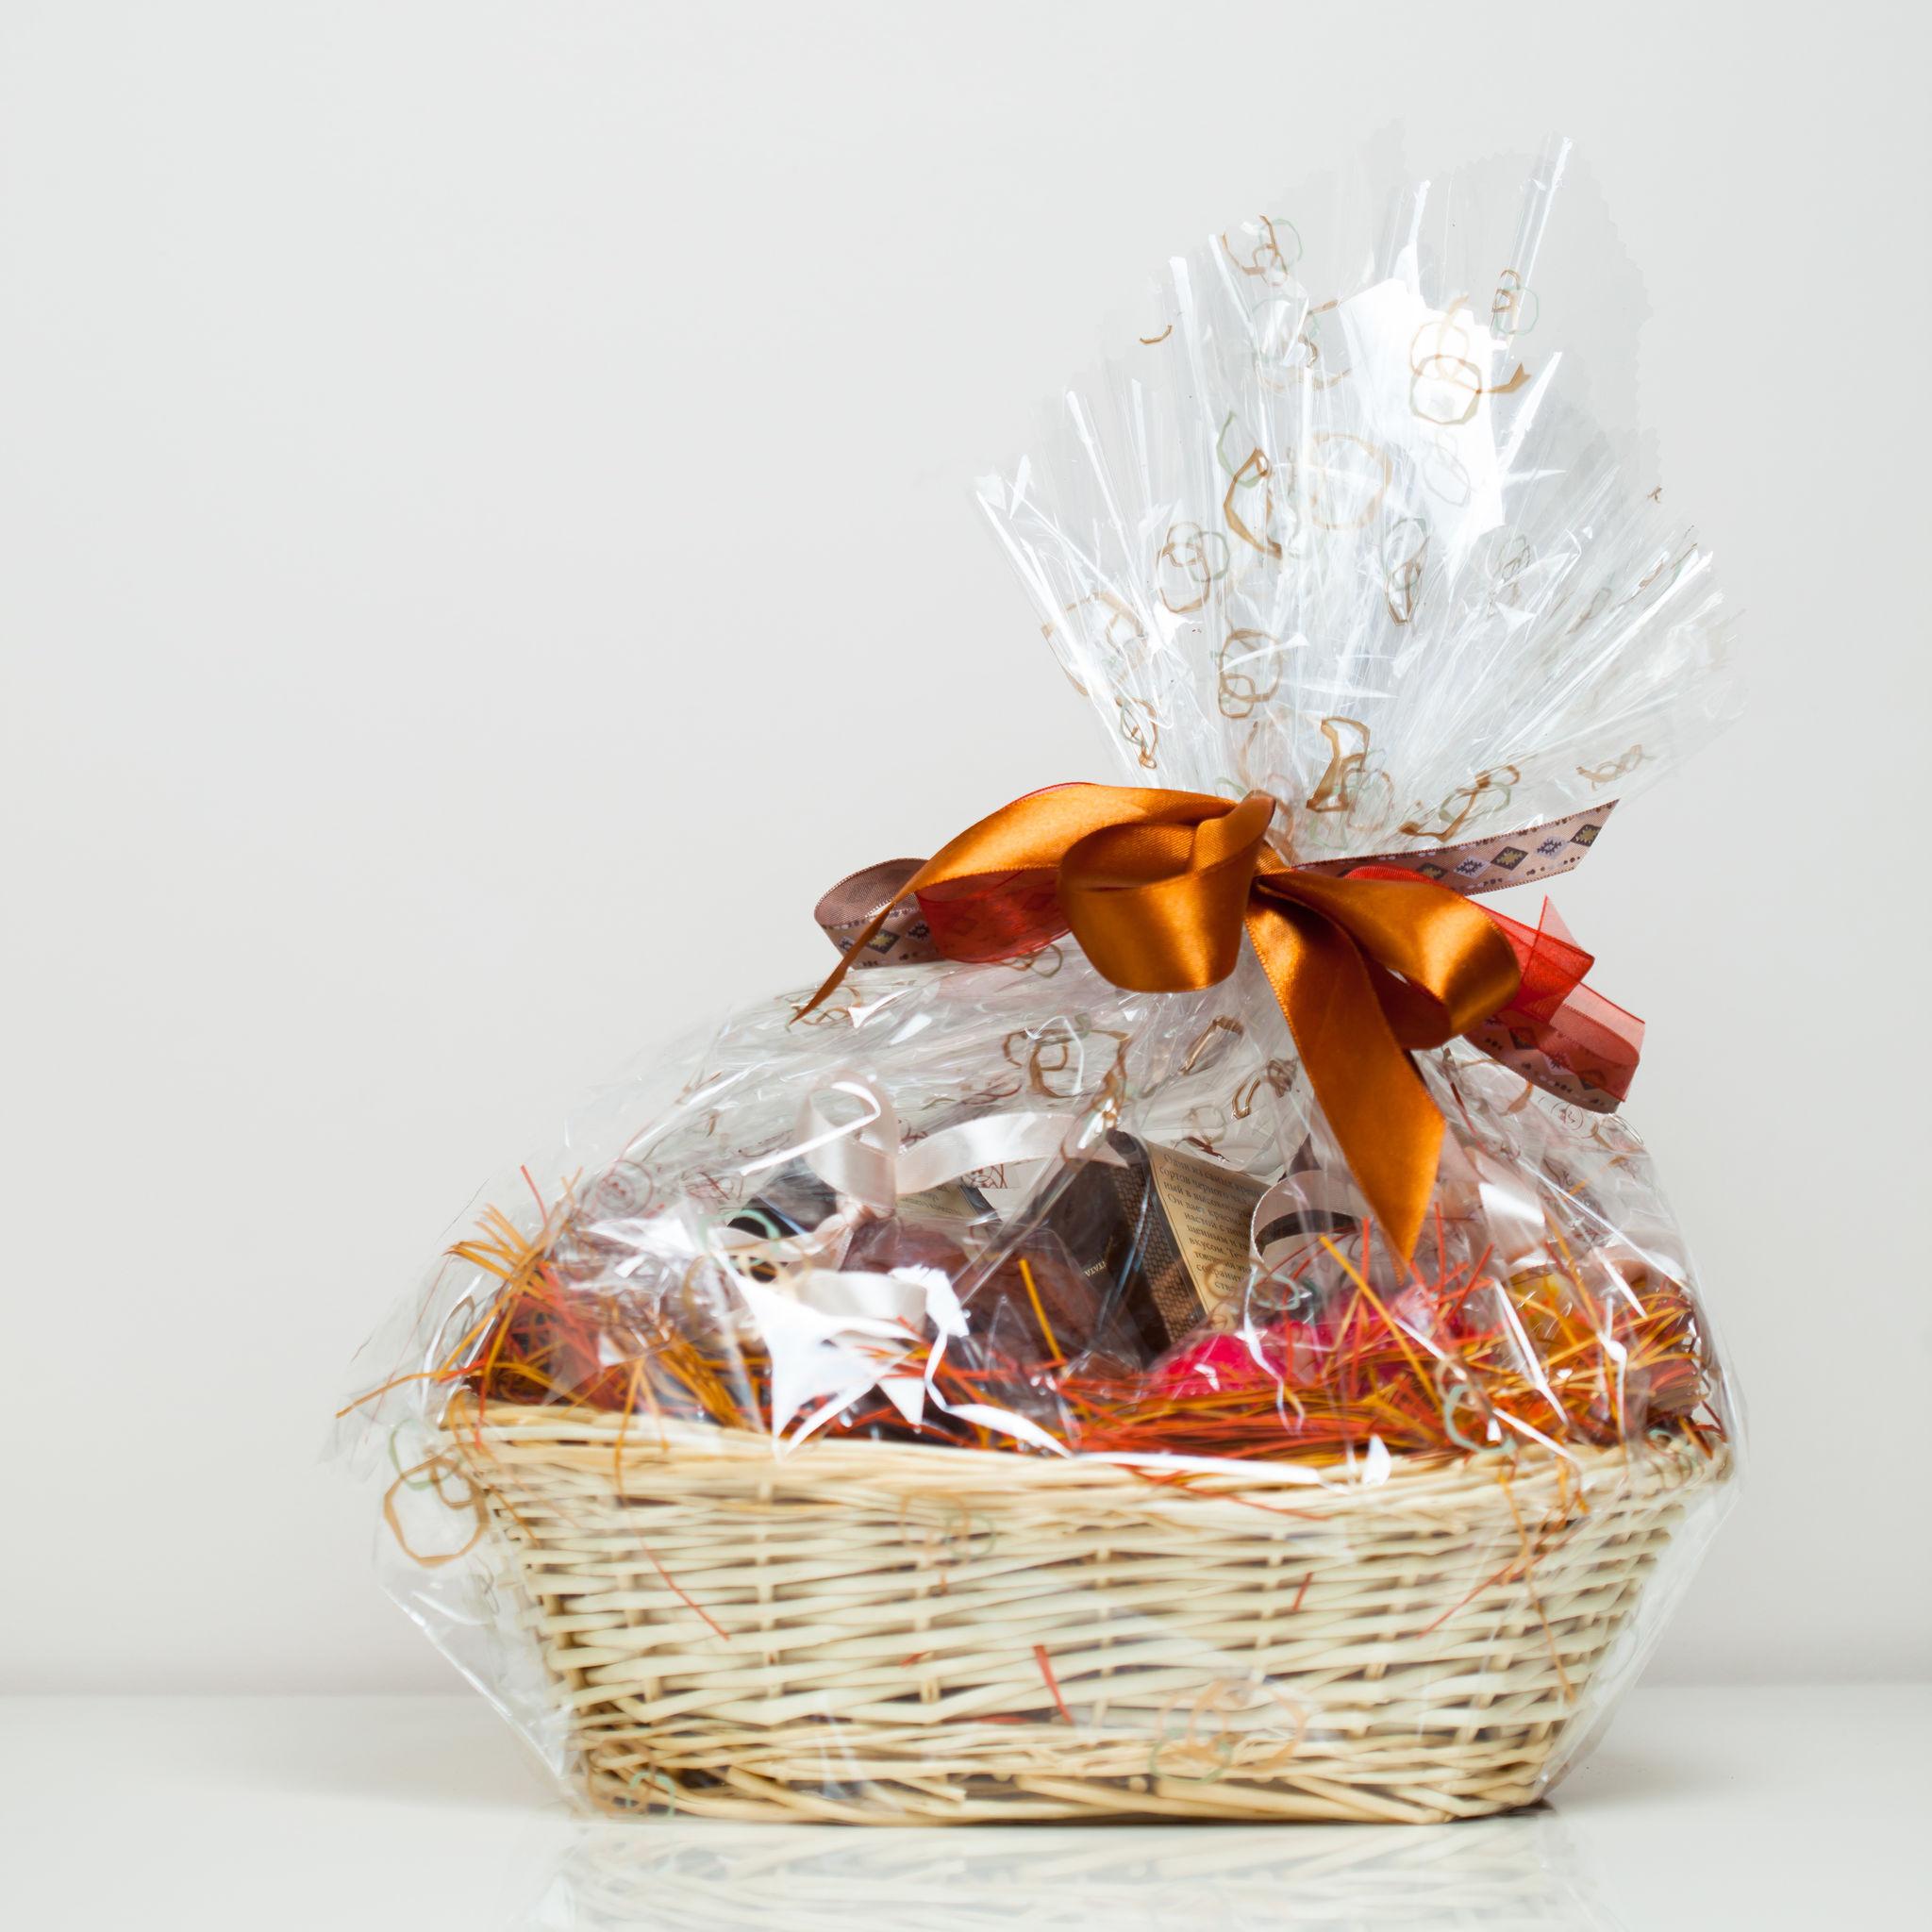 Na foto uma cesta com produtos para presente embalada com papel celofane e um laço marrom claro metalizado.